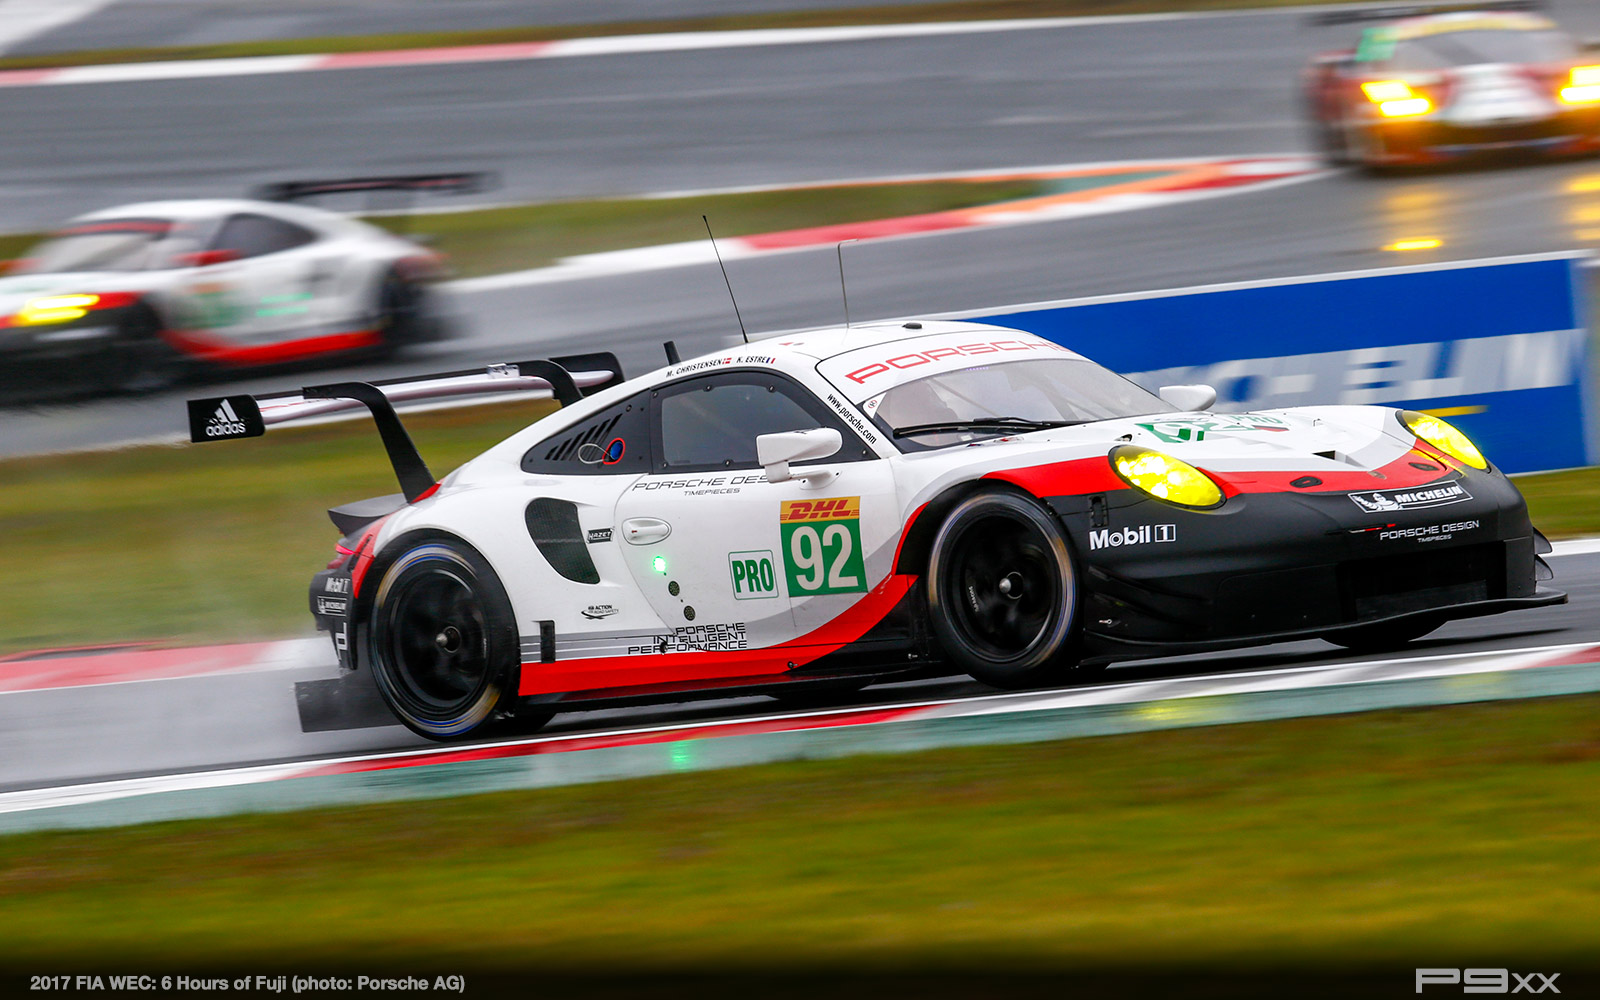 2017-FIA-WEC-6h-of-Fuji-Porsche-356